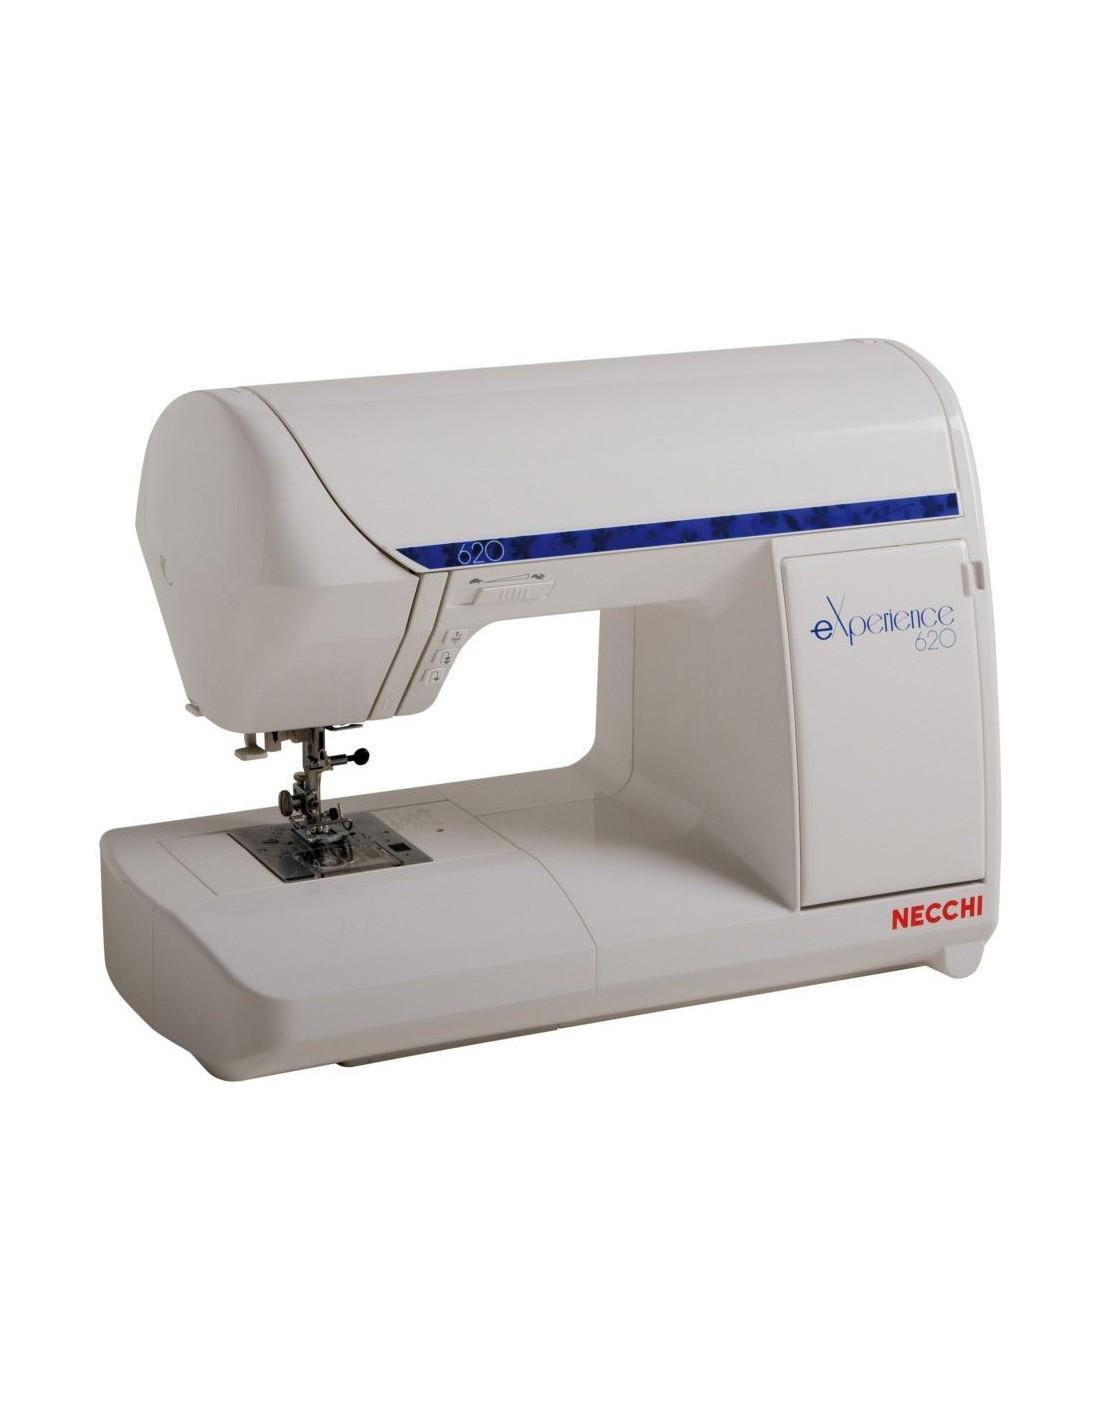 Macchina per cucire necchi 620 experience macchine da for Lidl offerte della settimana macchina da cucire